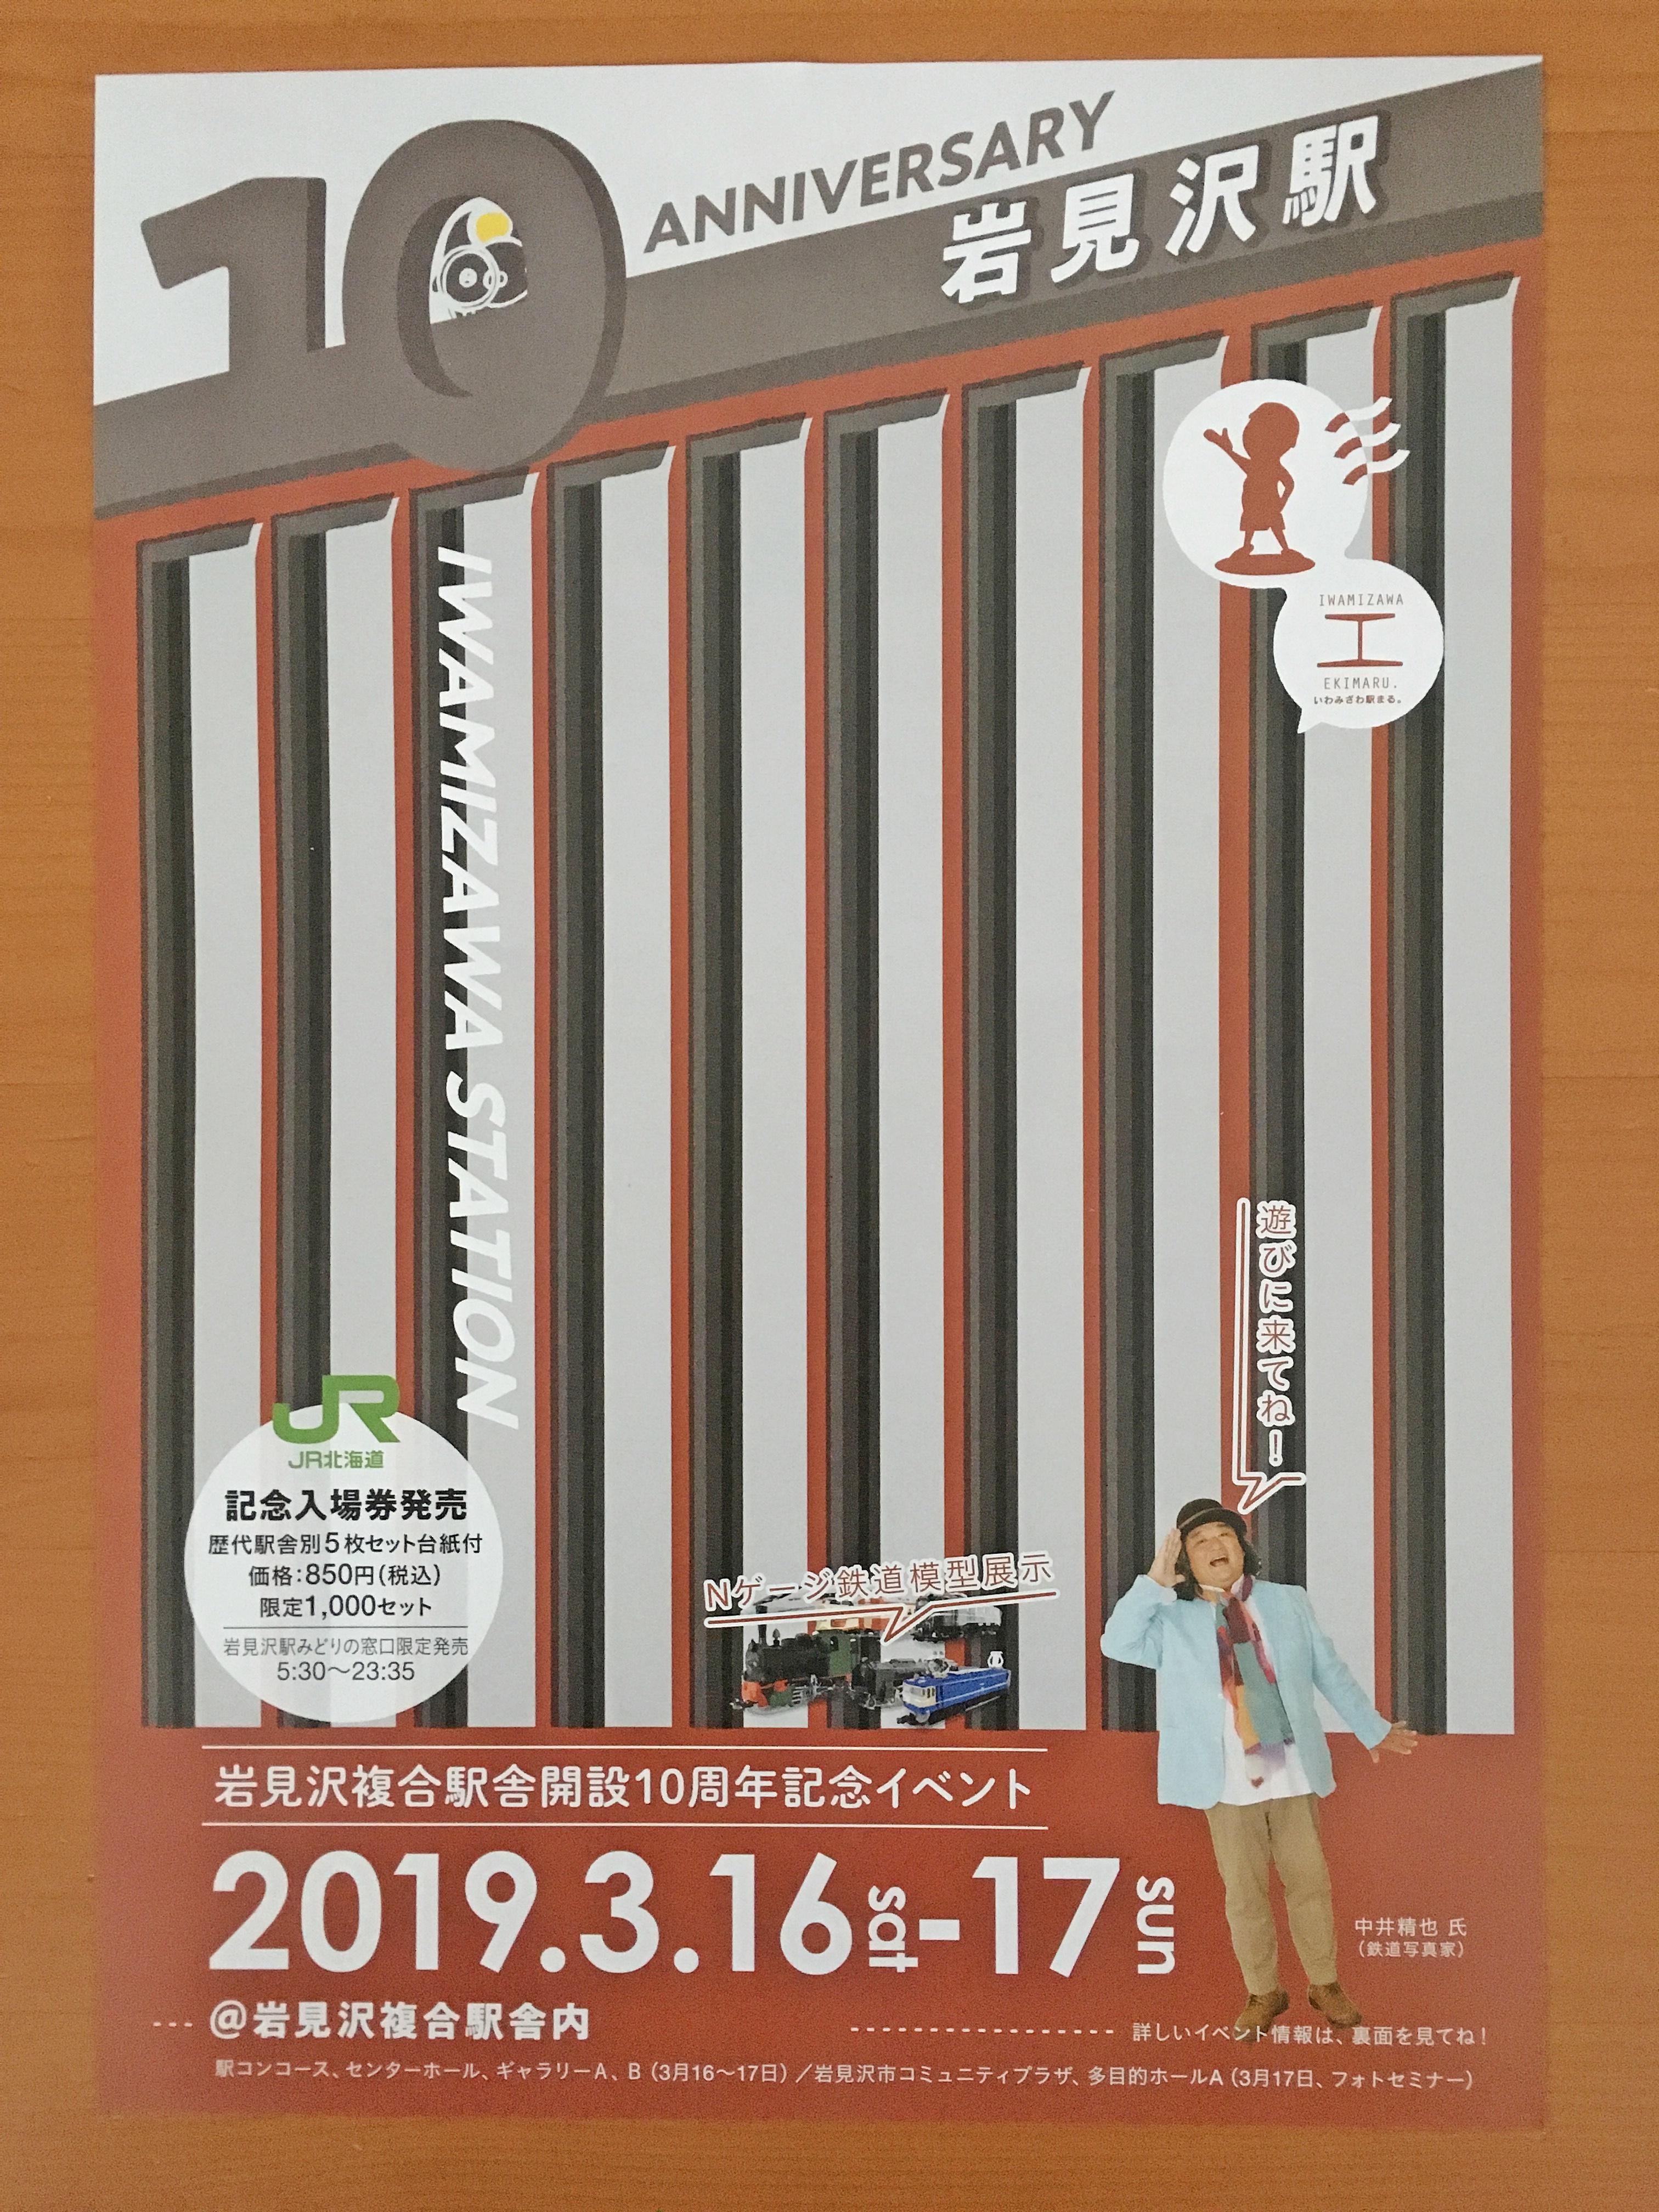 岩見沢駅複合駅舎 開業10周年記念イベントチラシ.JPG